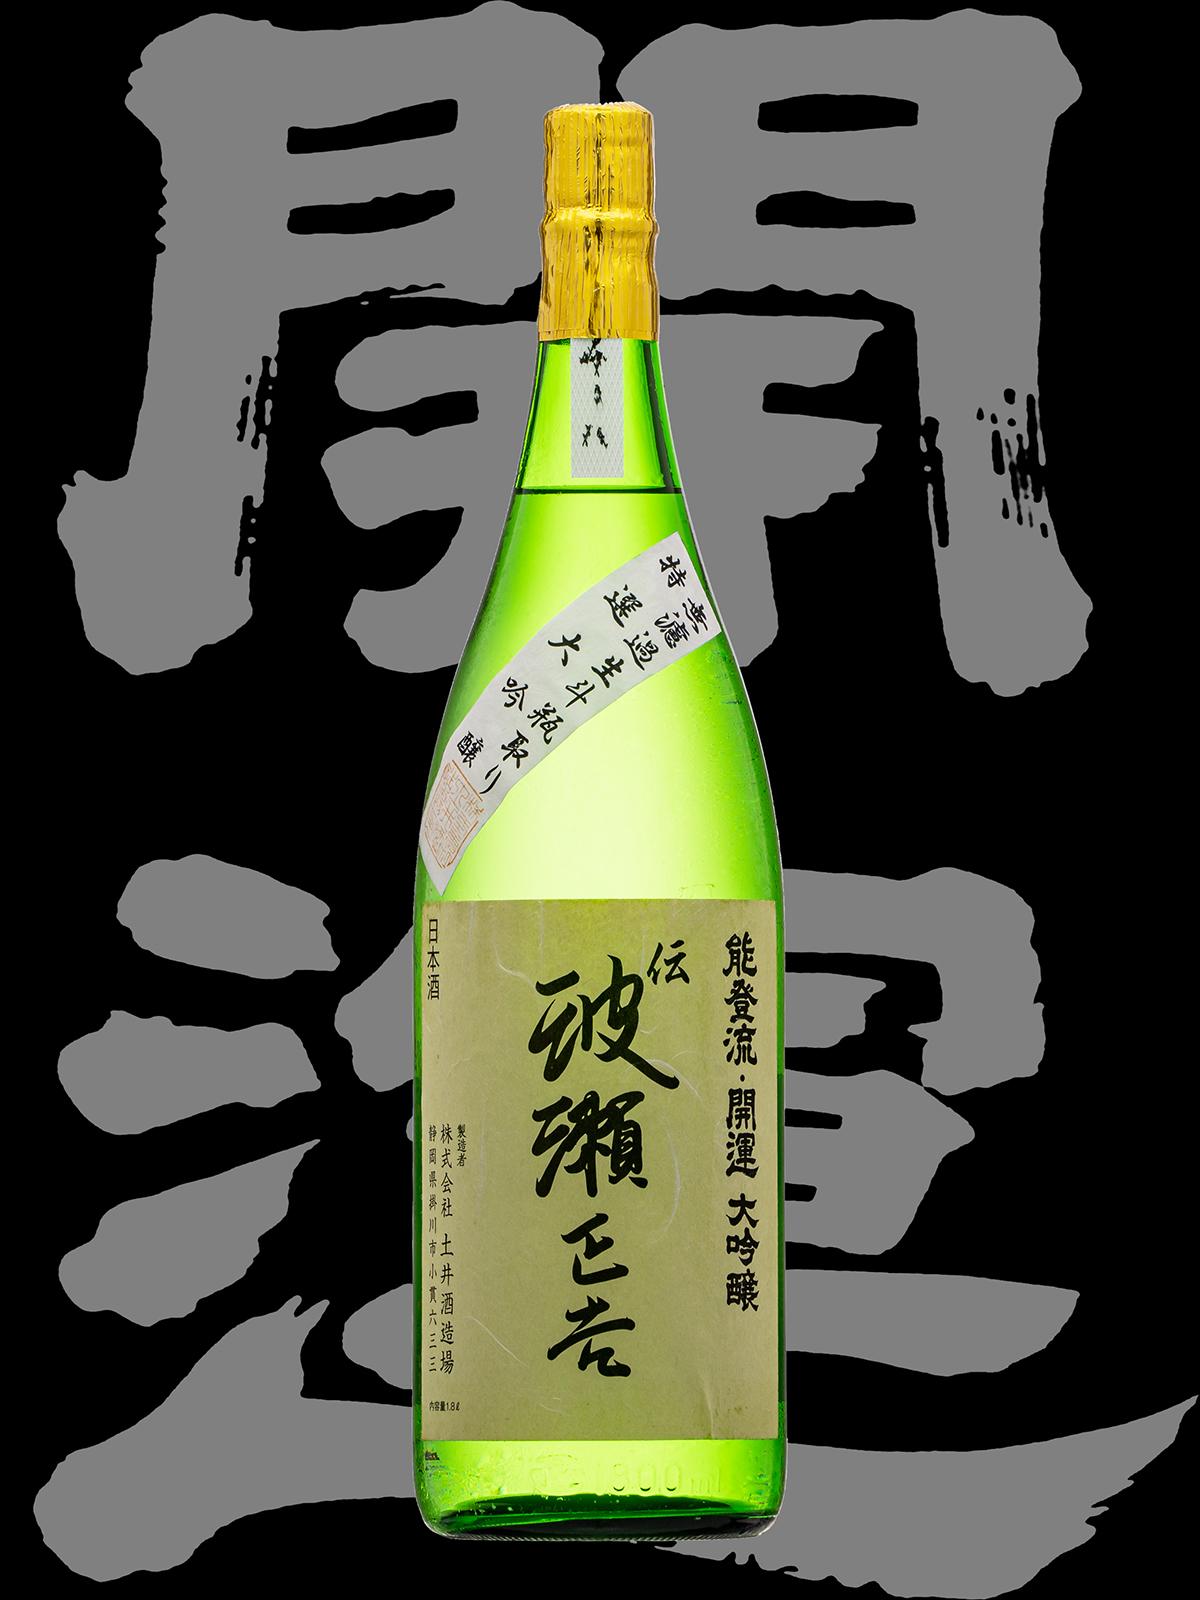 開運(かいうん)「大吟醸」伝 波瀬正吉 斗瓶取り無濾過生酒4号タンク